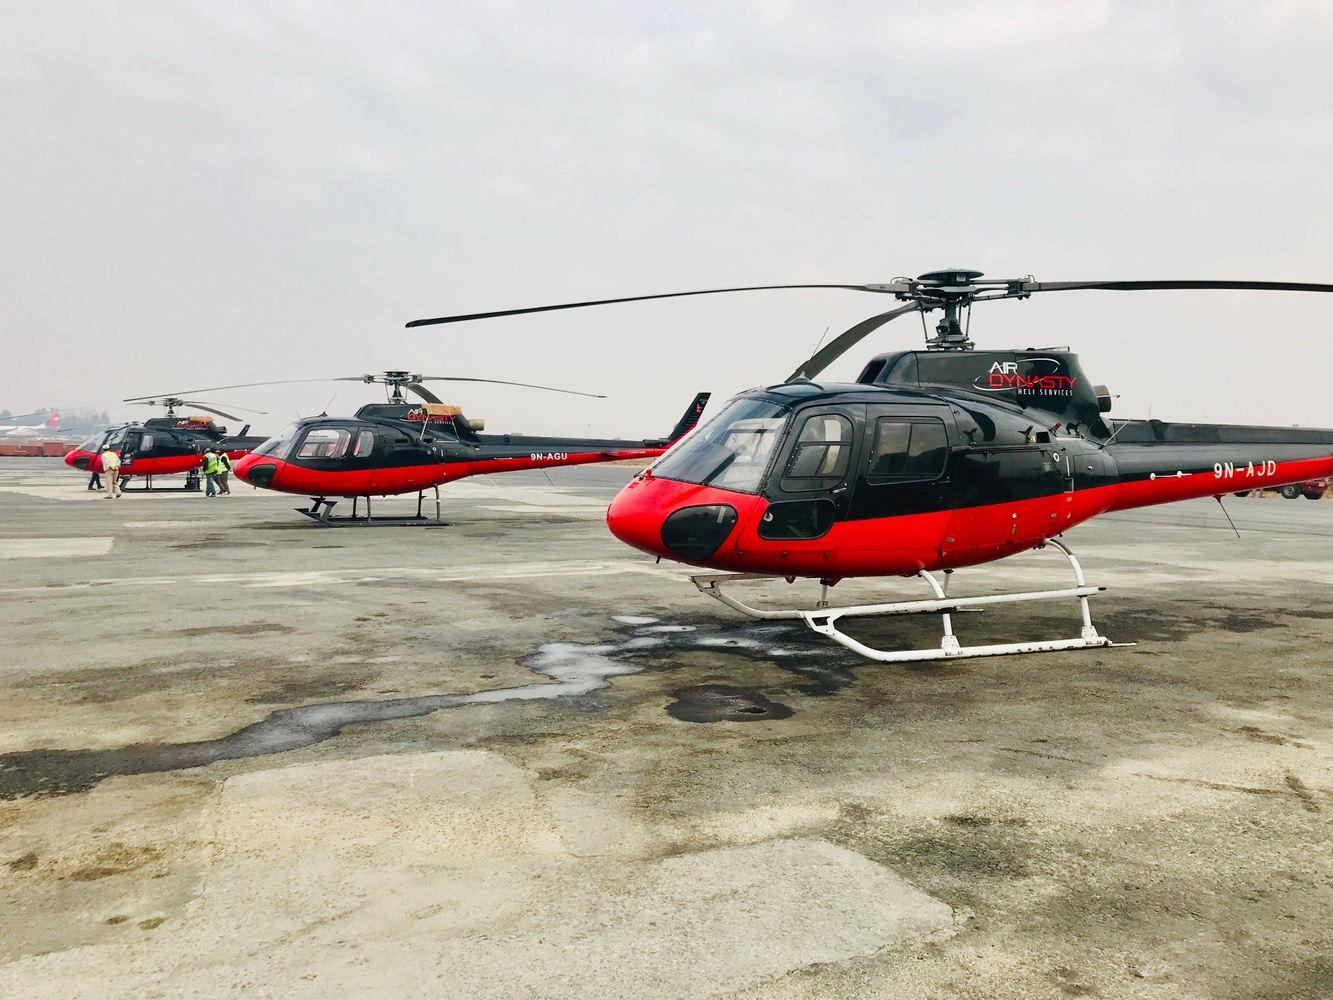 Lukla - Kathmandu Transfer Flight